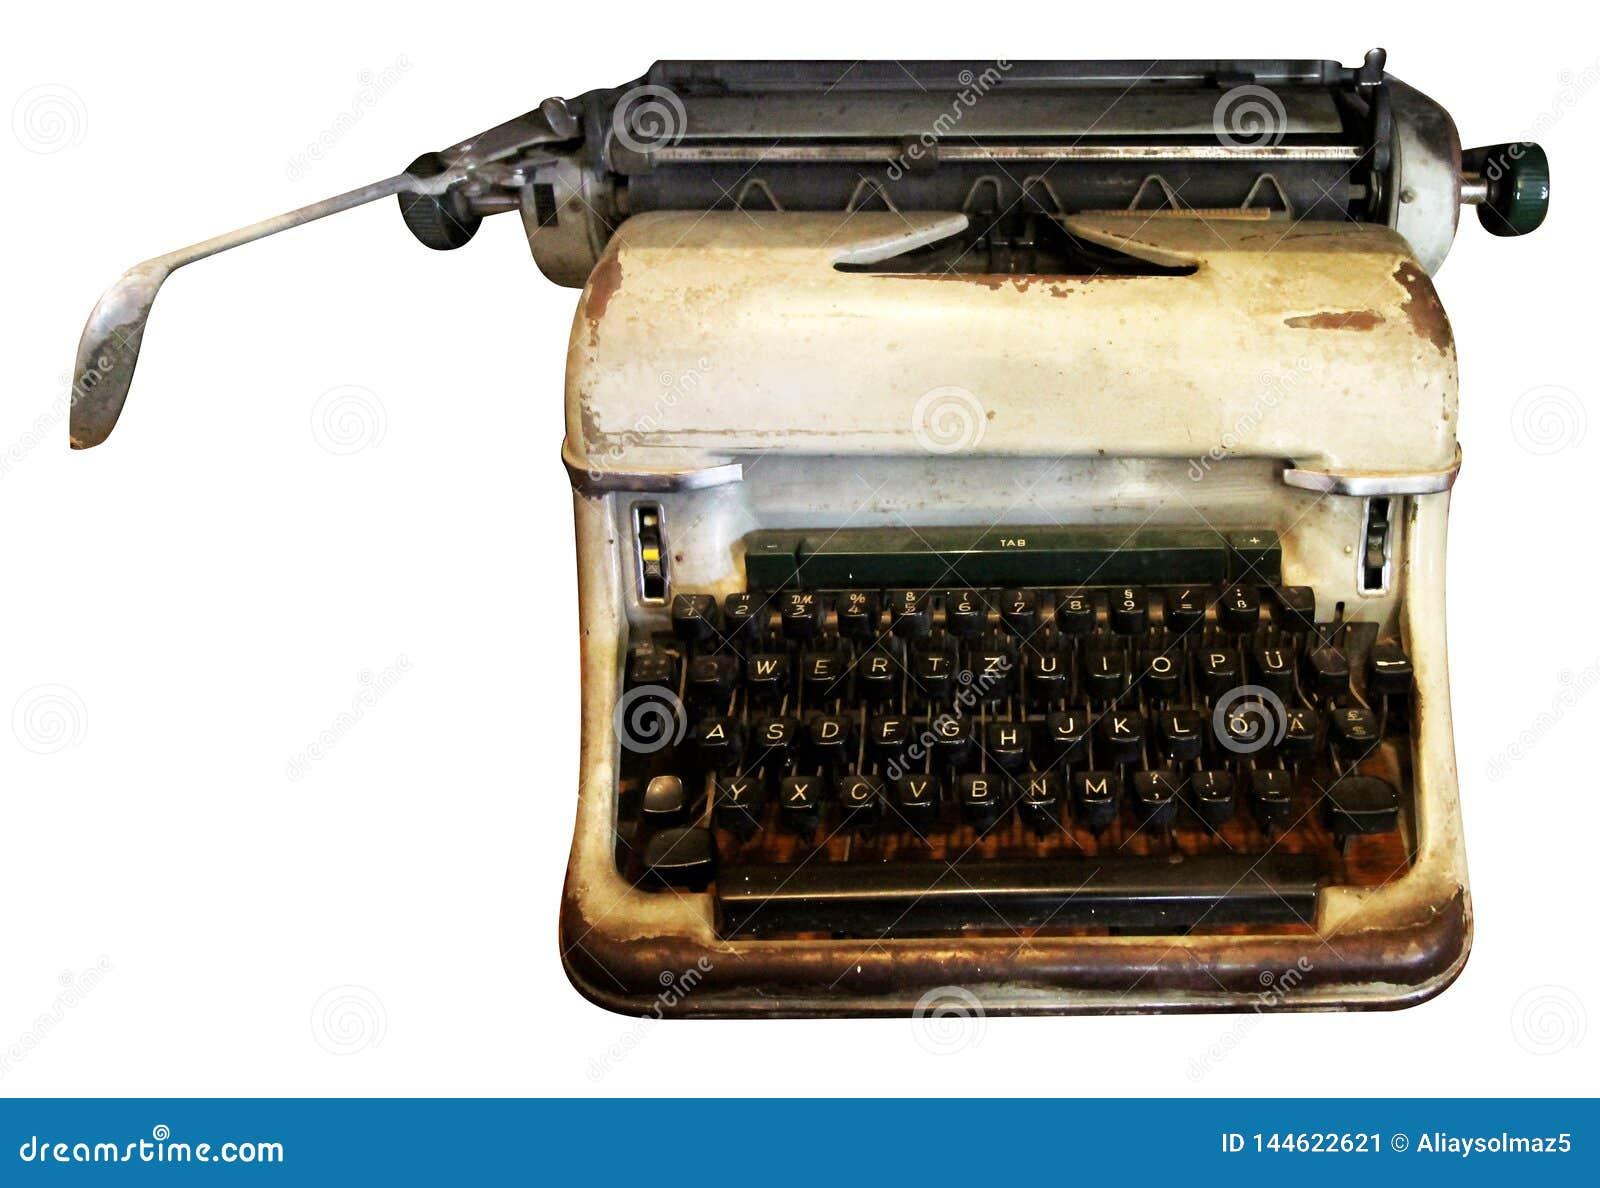 Απομονωμένη γραφομηχανή, παλαιά γραφομηχανή, αναλογικός εξοπλισμός